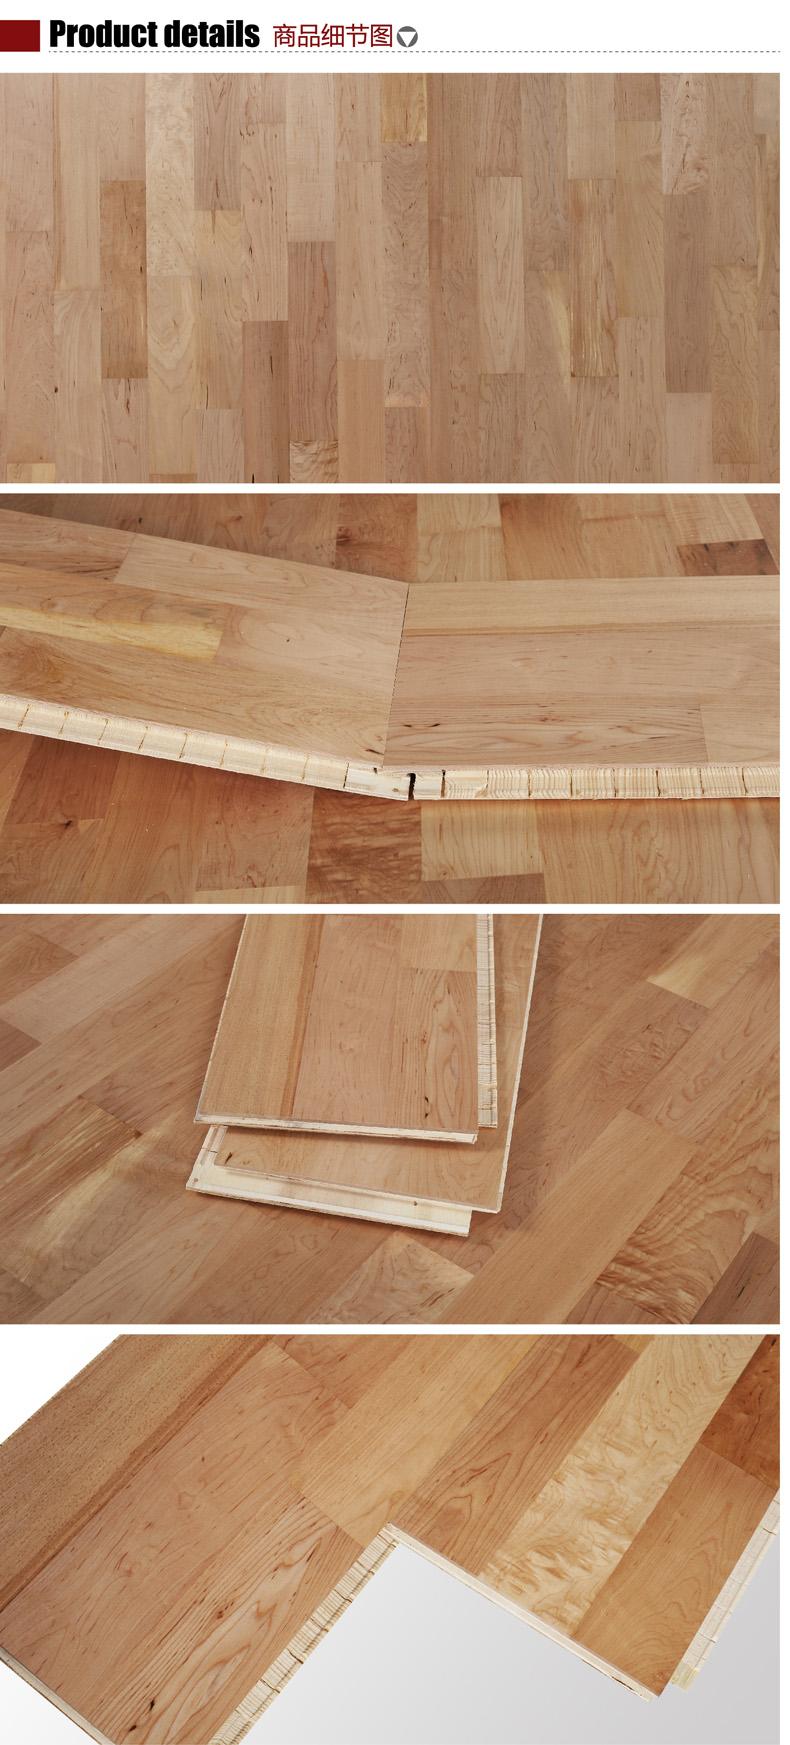 圣象康逸自带龙骨三层实木地板nk8325北极枫木无缝隙木地板适用地暖30